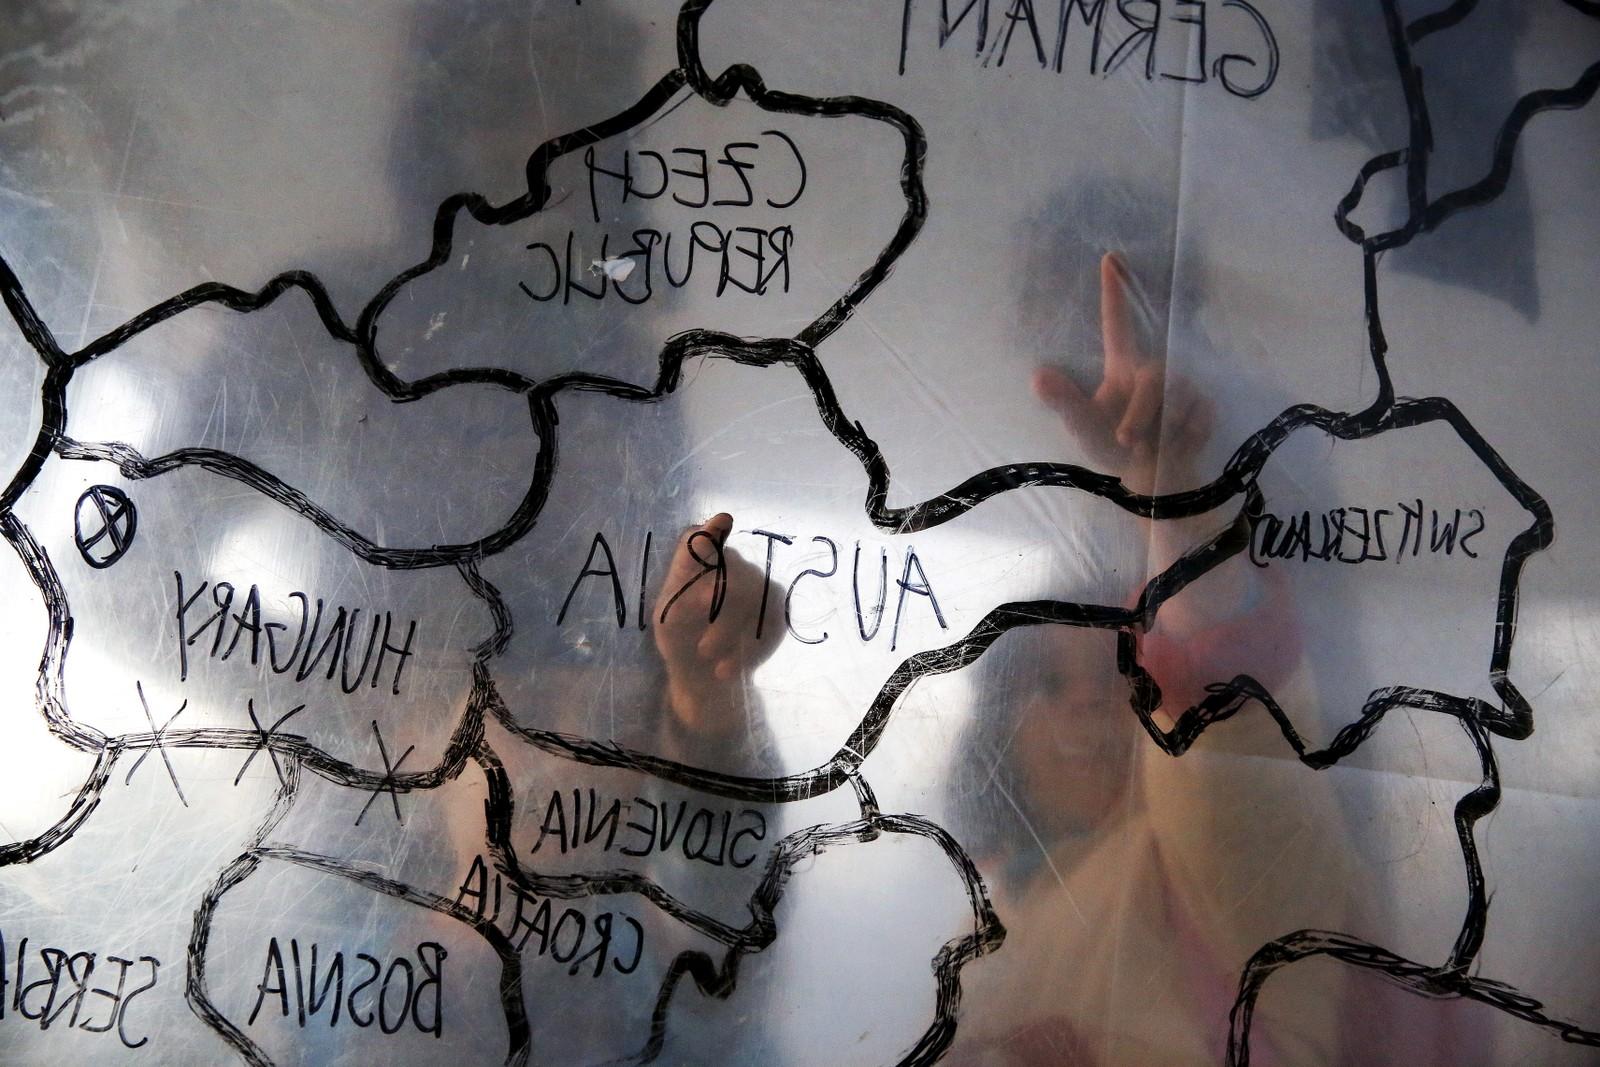 Kanskje drømmer de om en framtid i et av disse landene, flyktningbarna som peker på et kart over Europa inni et telt på øya Lesvos? FNs høykommisær for flyktninger har bedt de greske myndighetene om å øke kapasiteteten slik at de skal kunne hjelpe flere flyktninger. For tida er det telt og plass til 2.800 av de 12.000 flyktningene som er på den greske øya.